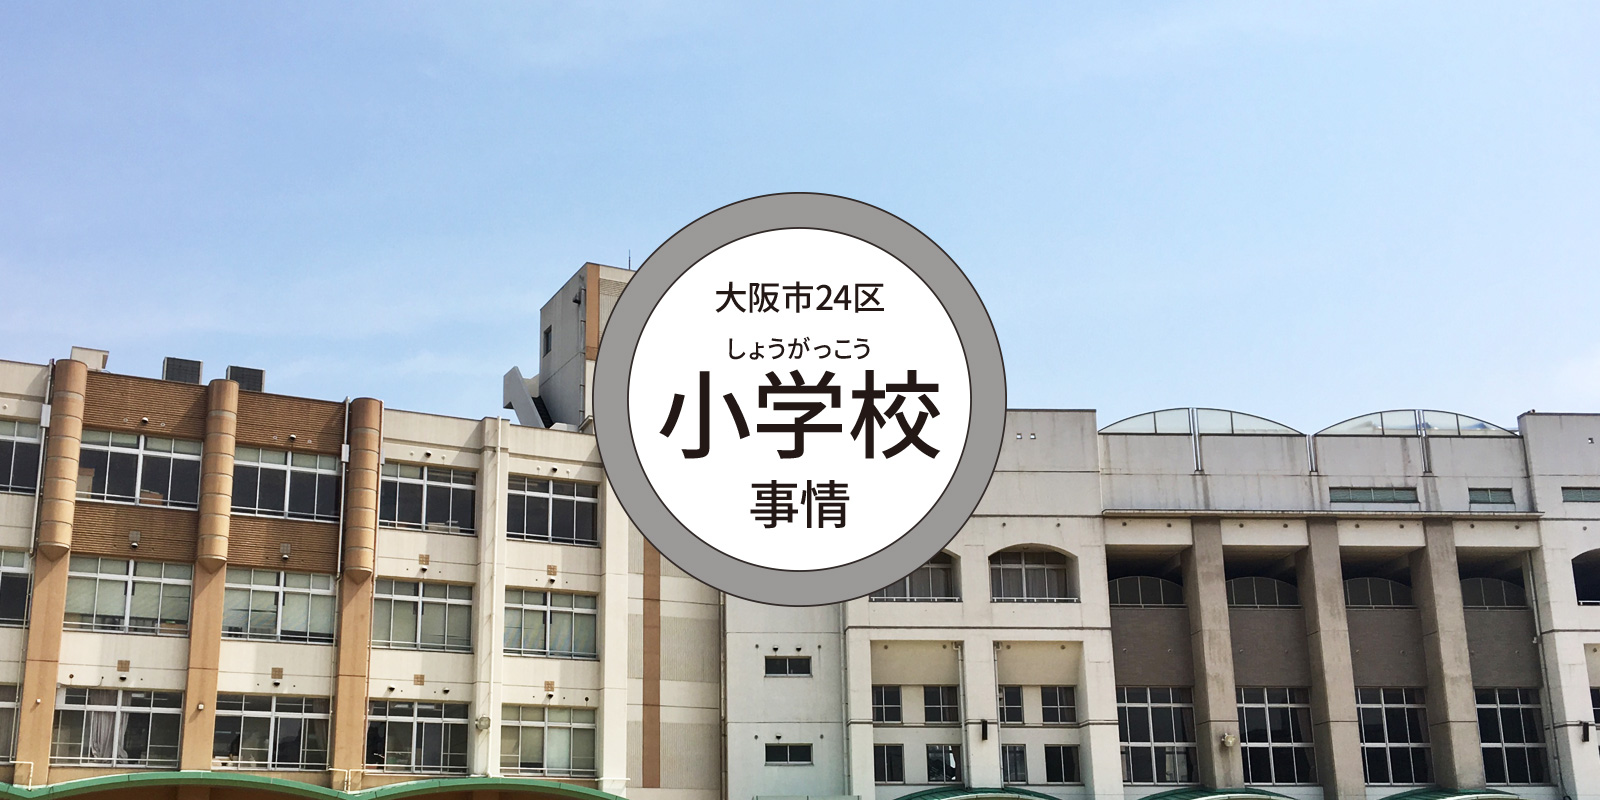 大阪市24区の小学校事情2019